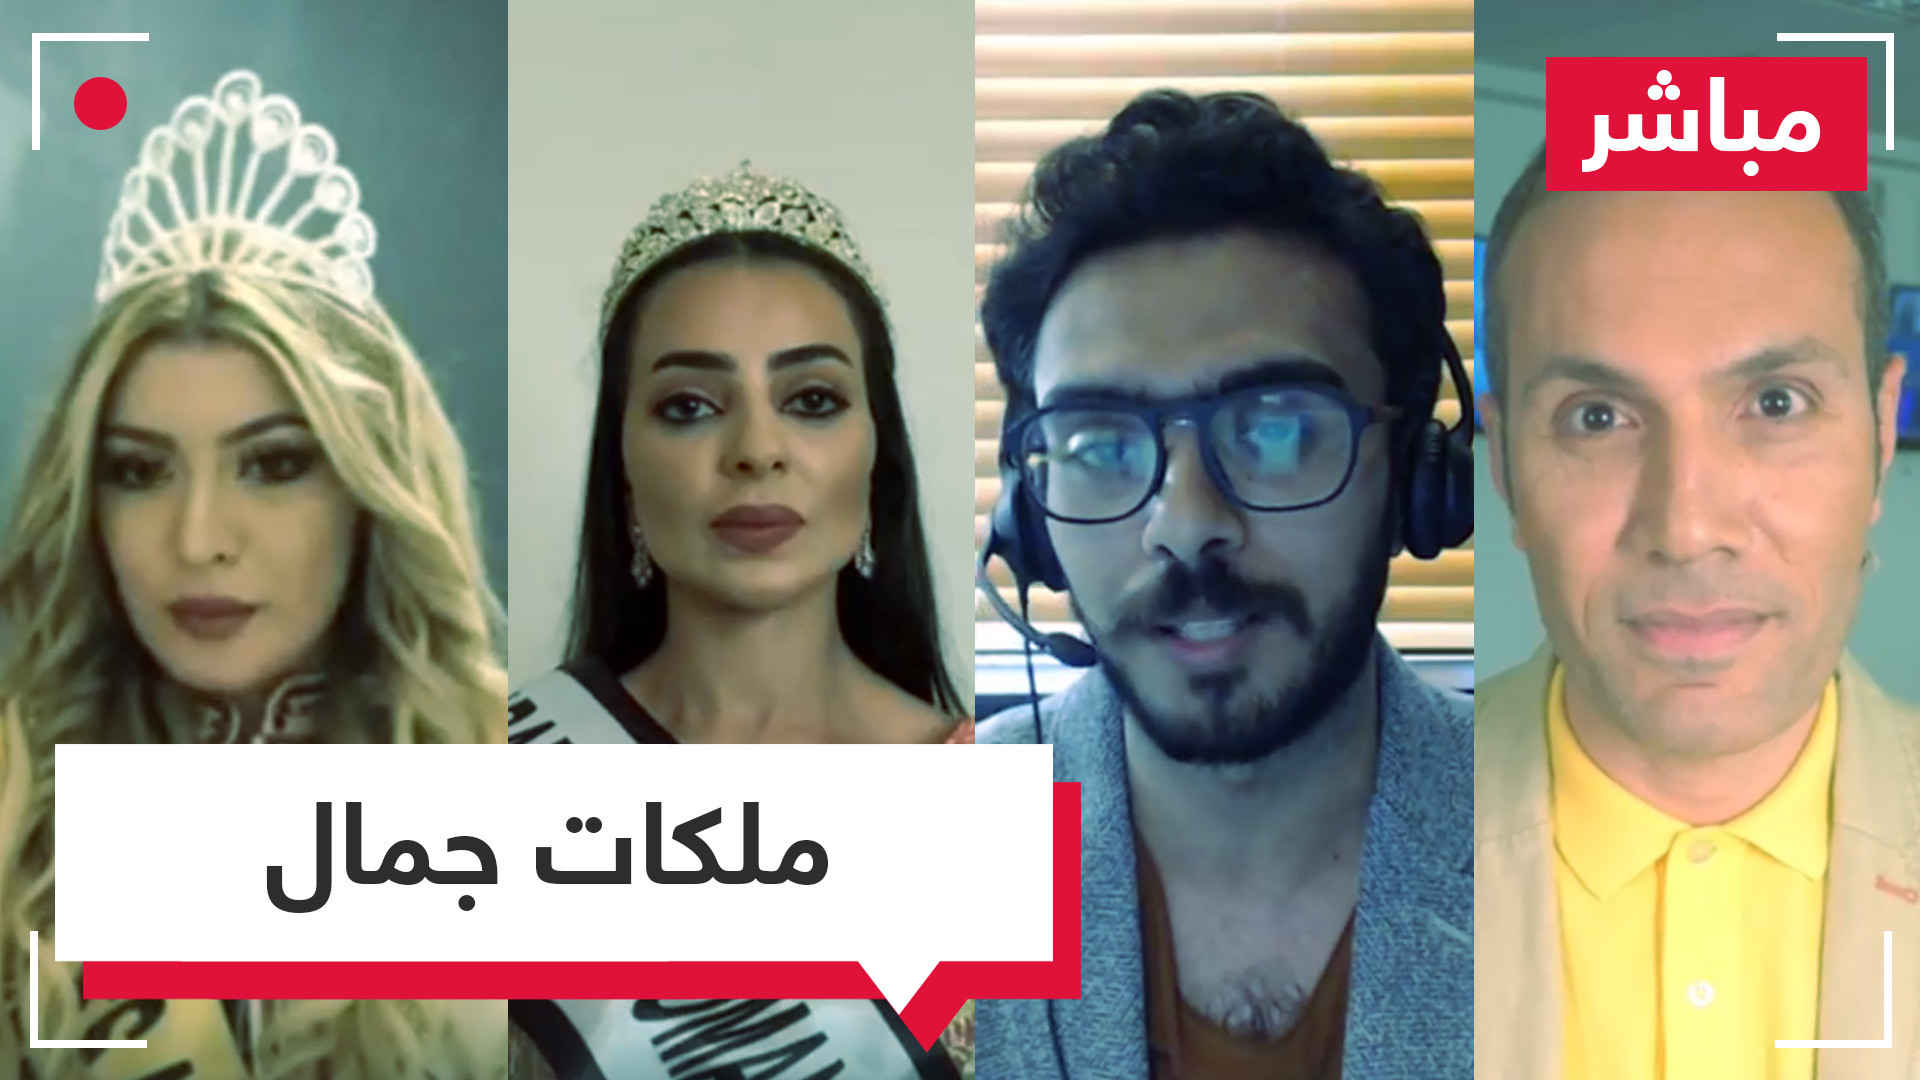 لقاء خاص مع ملكة جمال العرب 2019 الجزائرية سمارة يحيى وملكة جمال عُمان إسراء اللواتية!